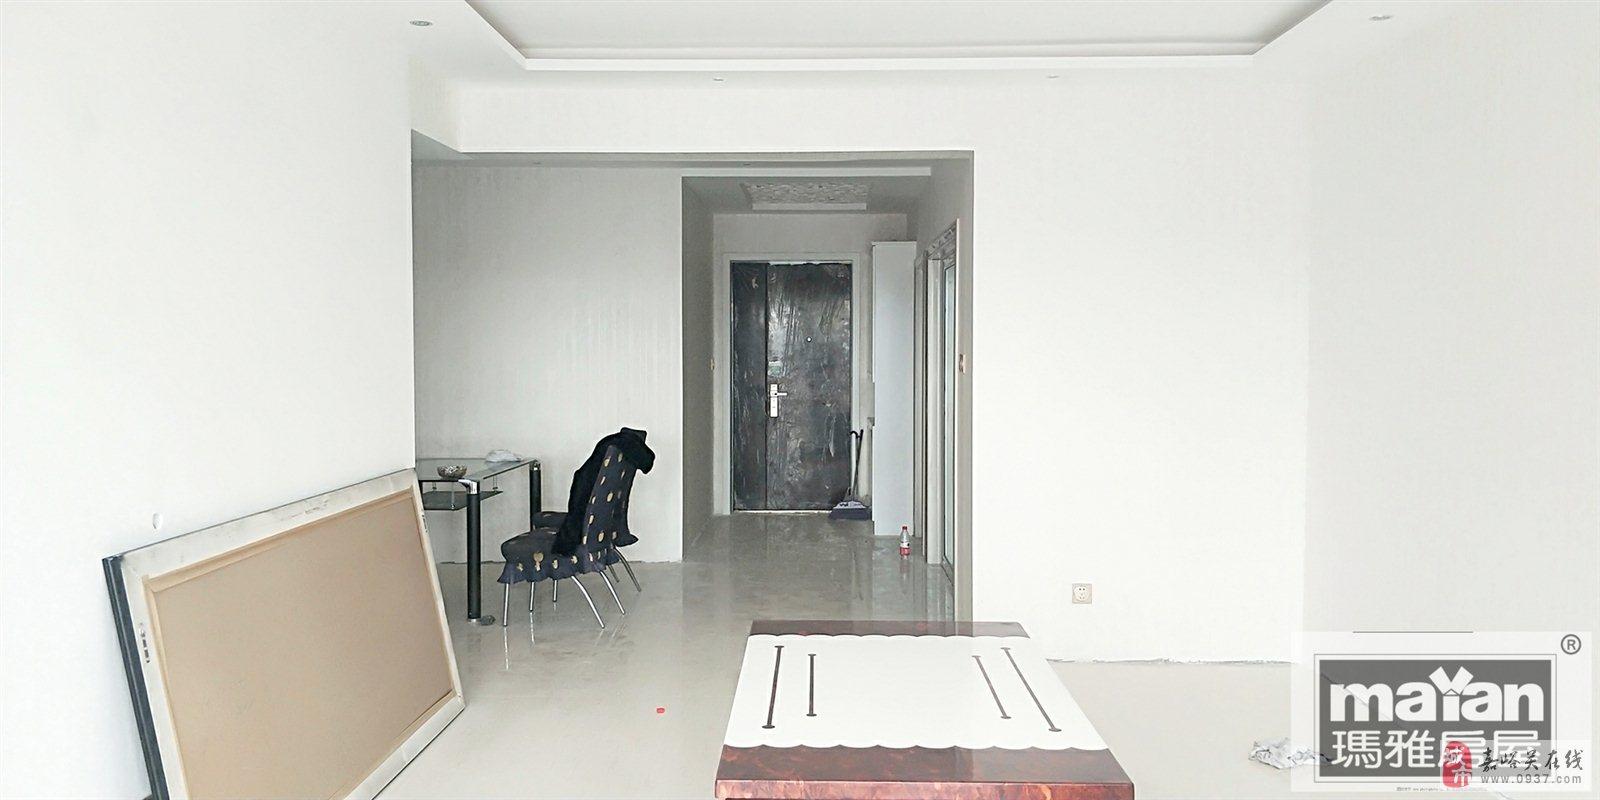 阳光金水湾2室2厅1卫60万元